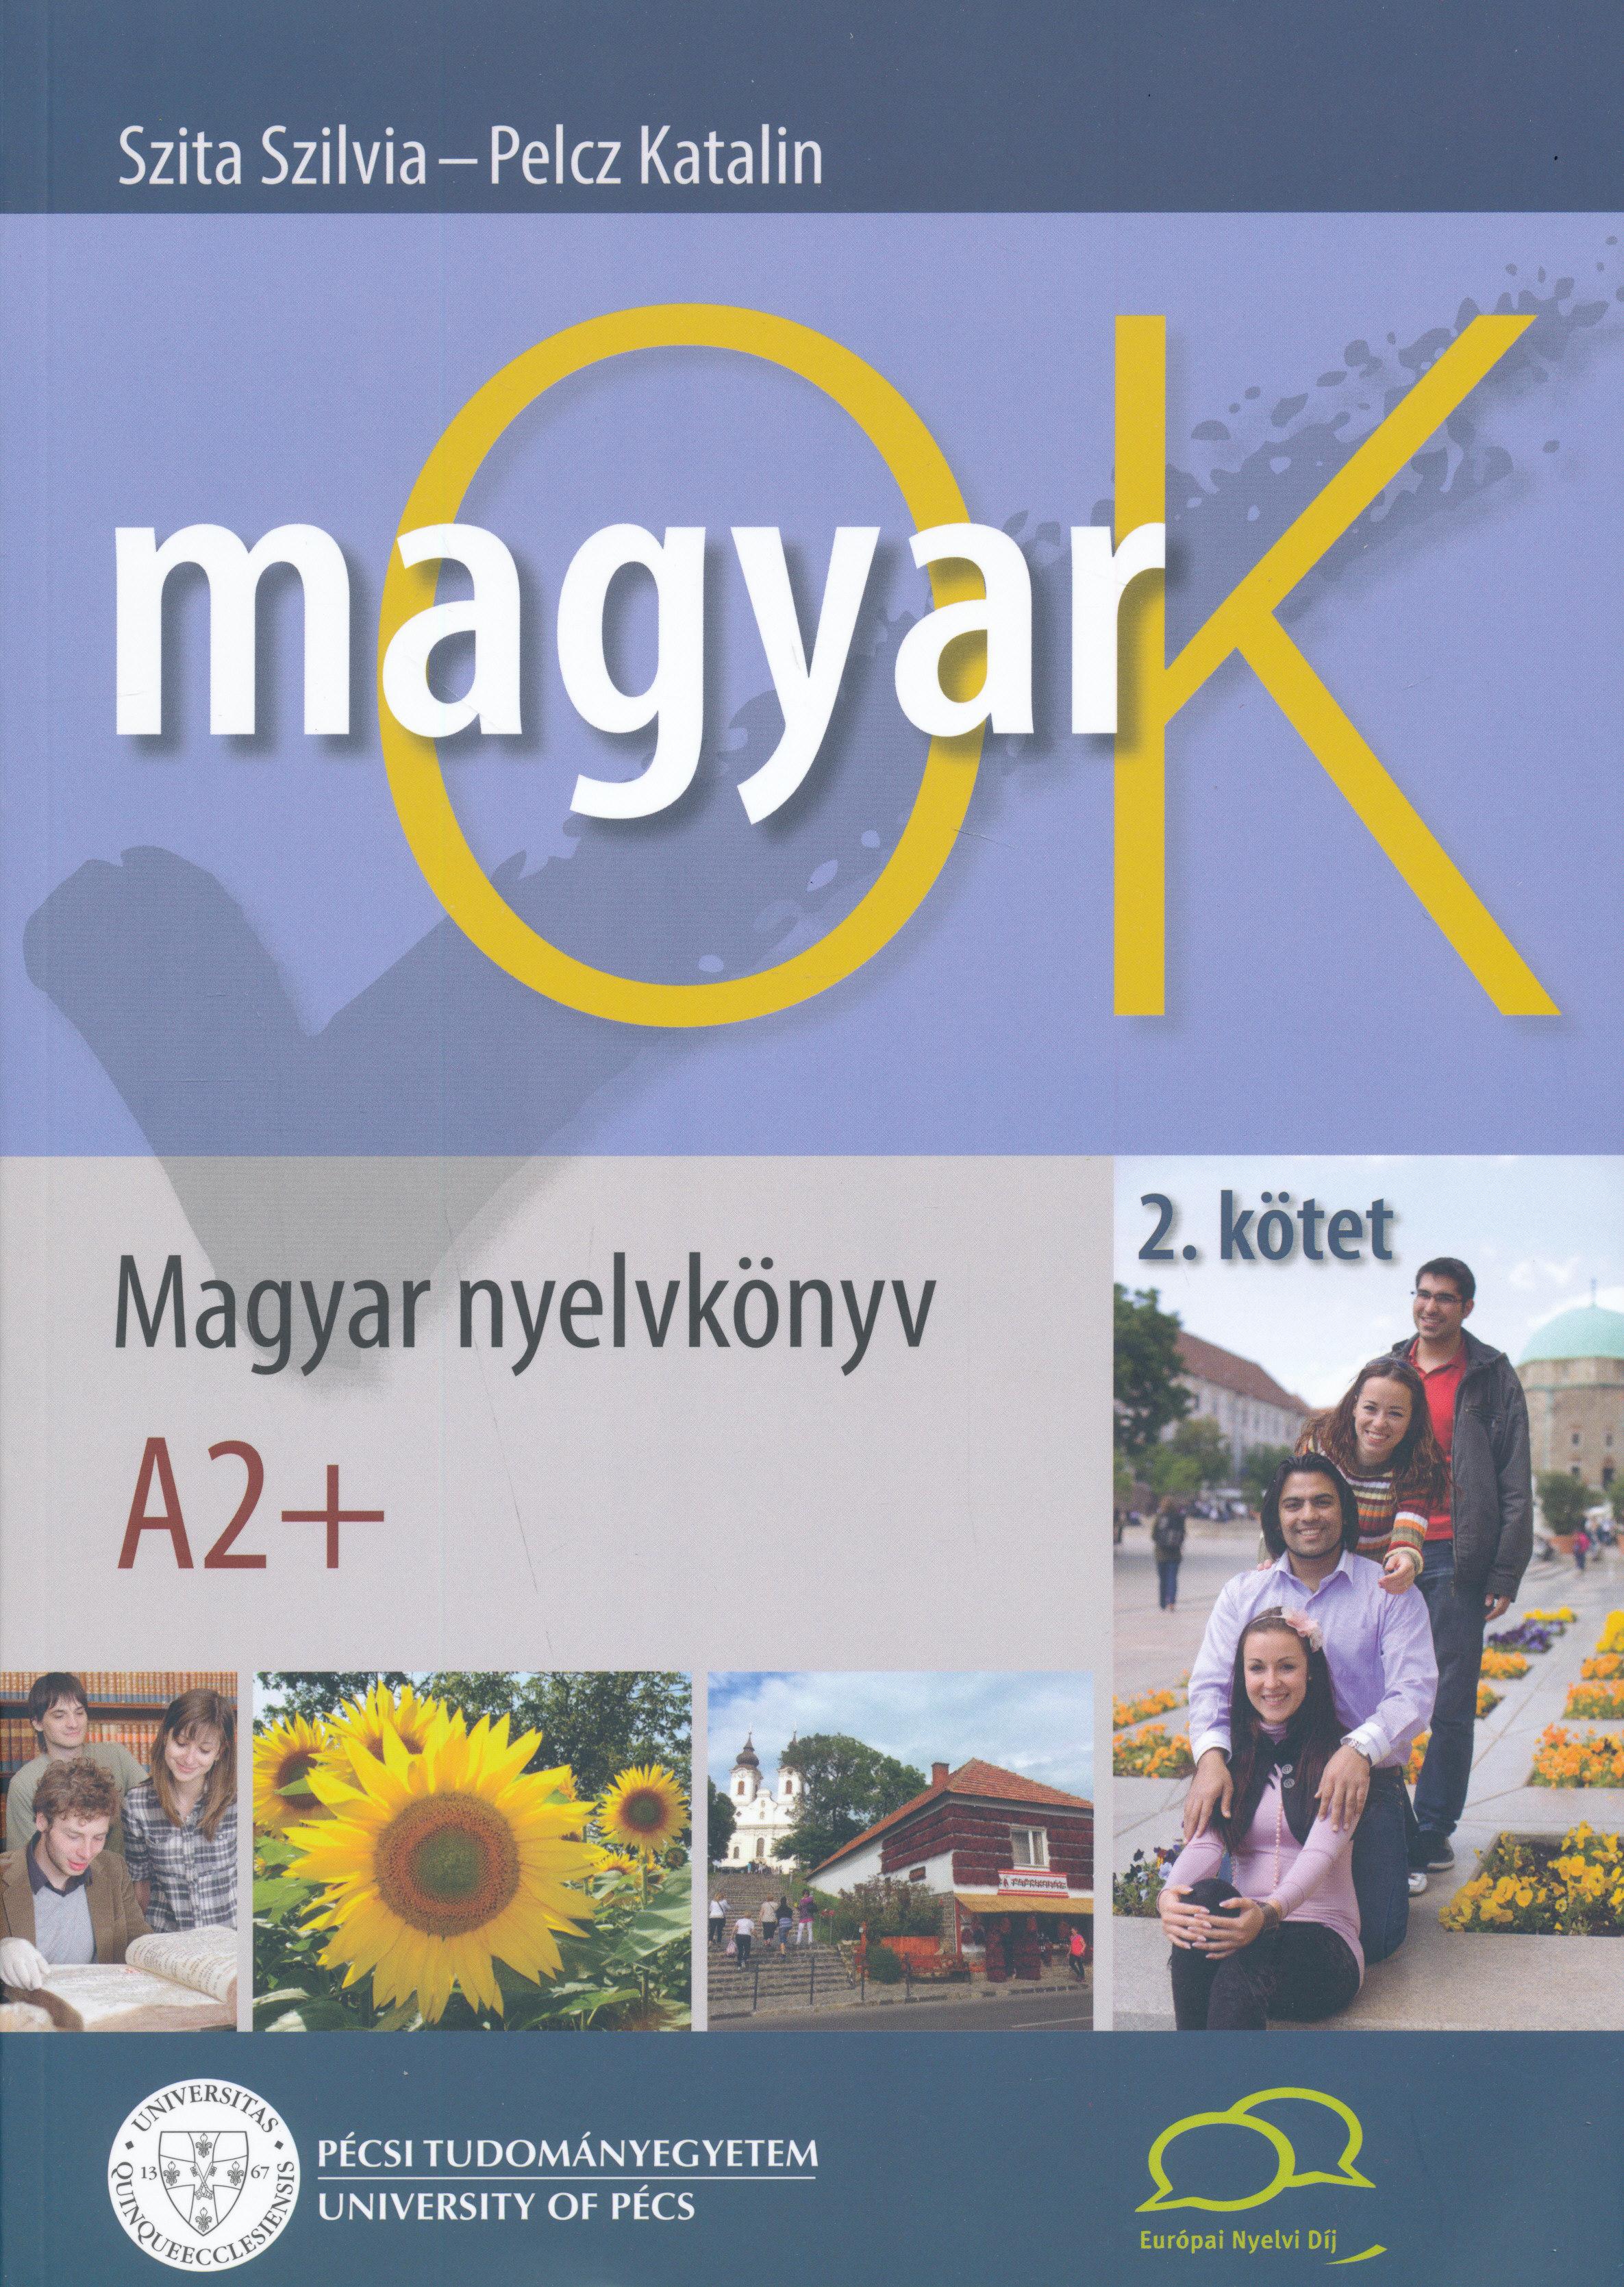 MagyarOK A2+ - Magyar Nyelvkönyv és Nyelvtani Munkafüzet - Letölthető Hanganyaggal